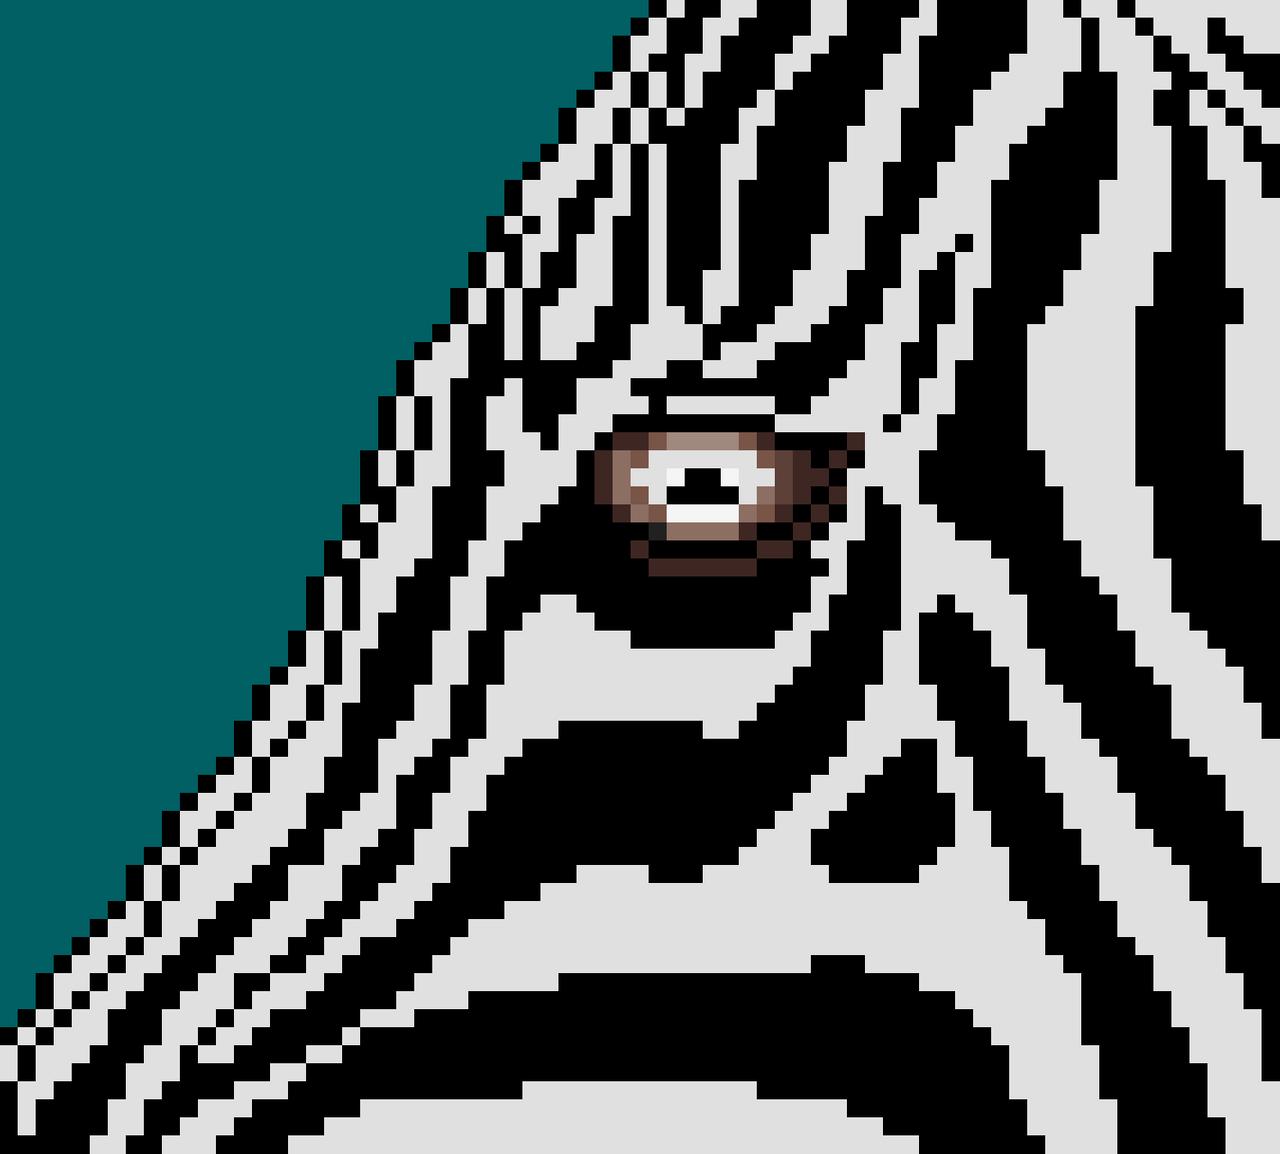 002 - Zebra Eye.png